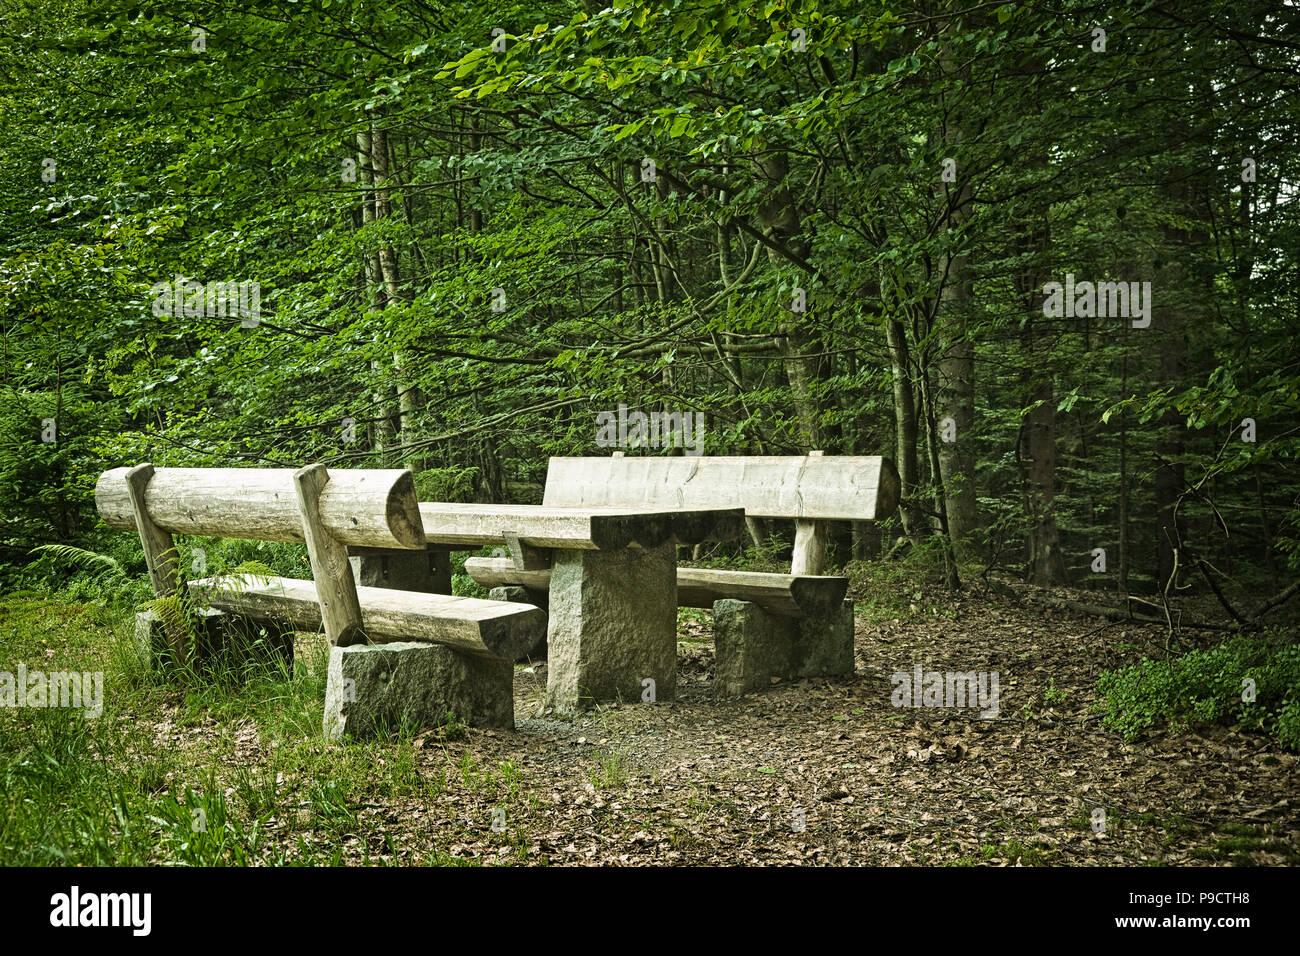 Picknick Tisch und Sitzbänke aus Baumstämmen in einem Wald, Bayern, Deutschland, Europa Stockfoto